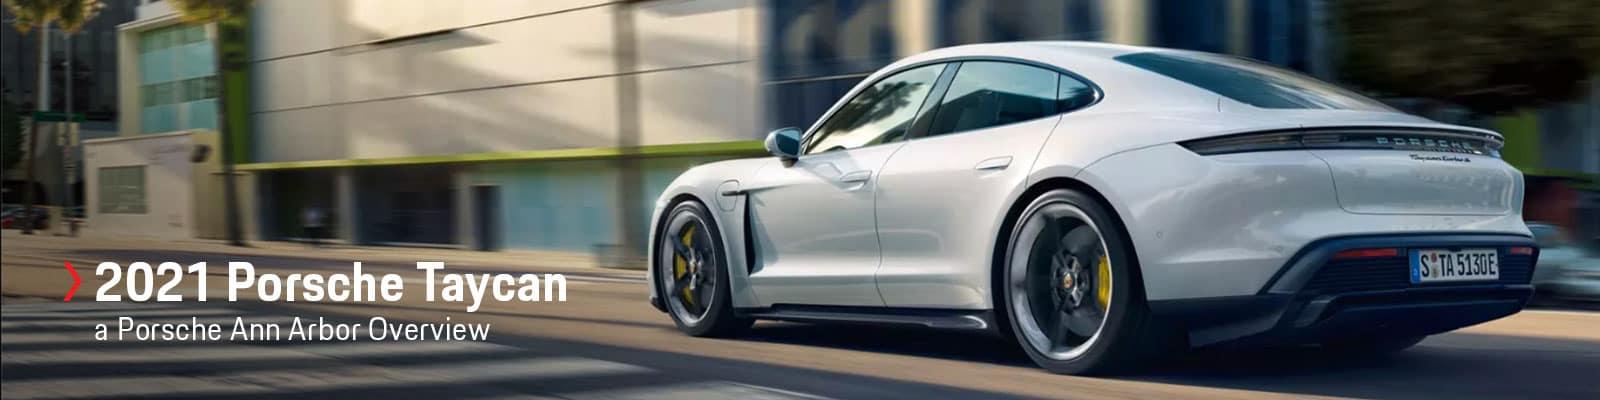 2021 Porsche Taycan Model Overview at Porsche Ann Arbor